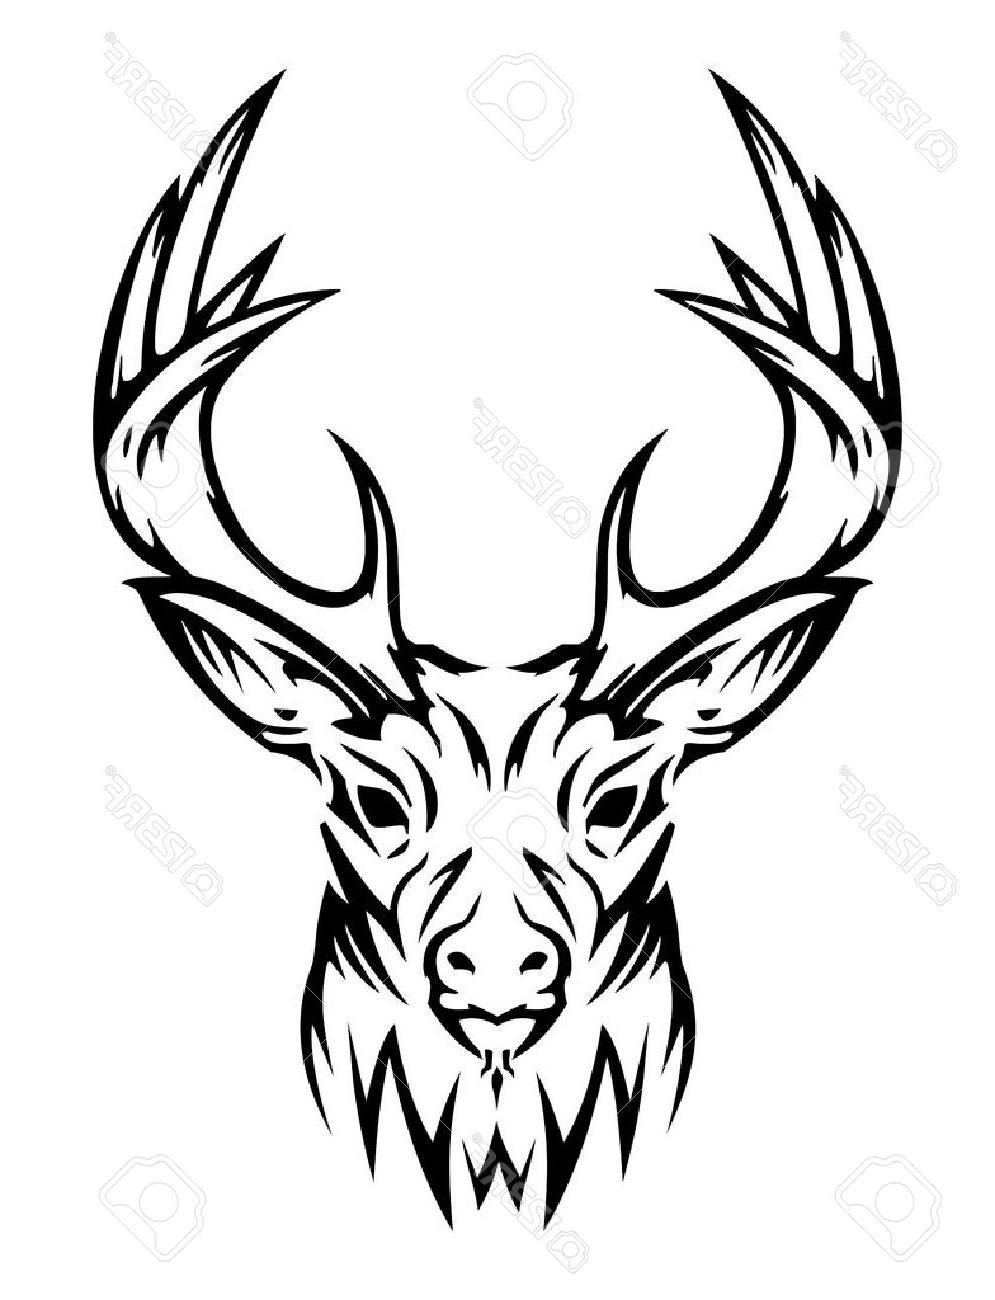 995x1300 Best Hd Tribal Deer Clip Art Vector Pictures Free Vector Art